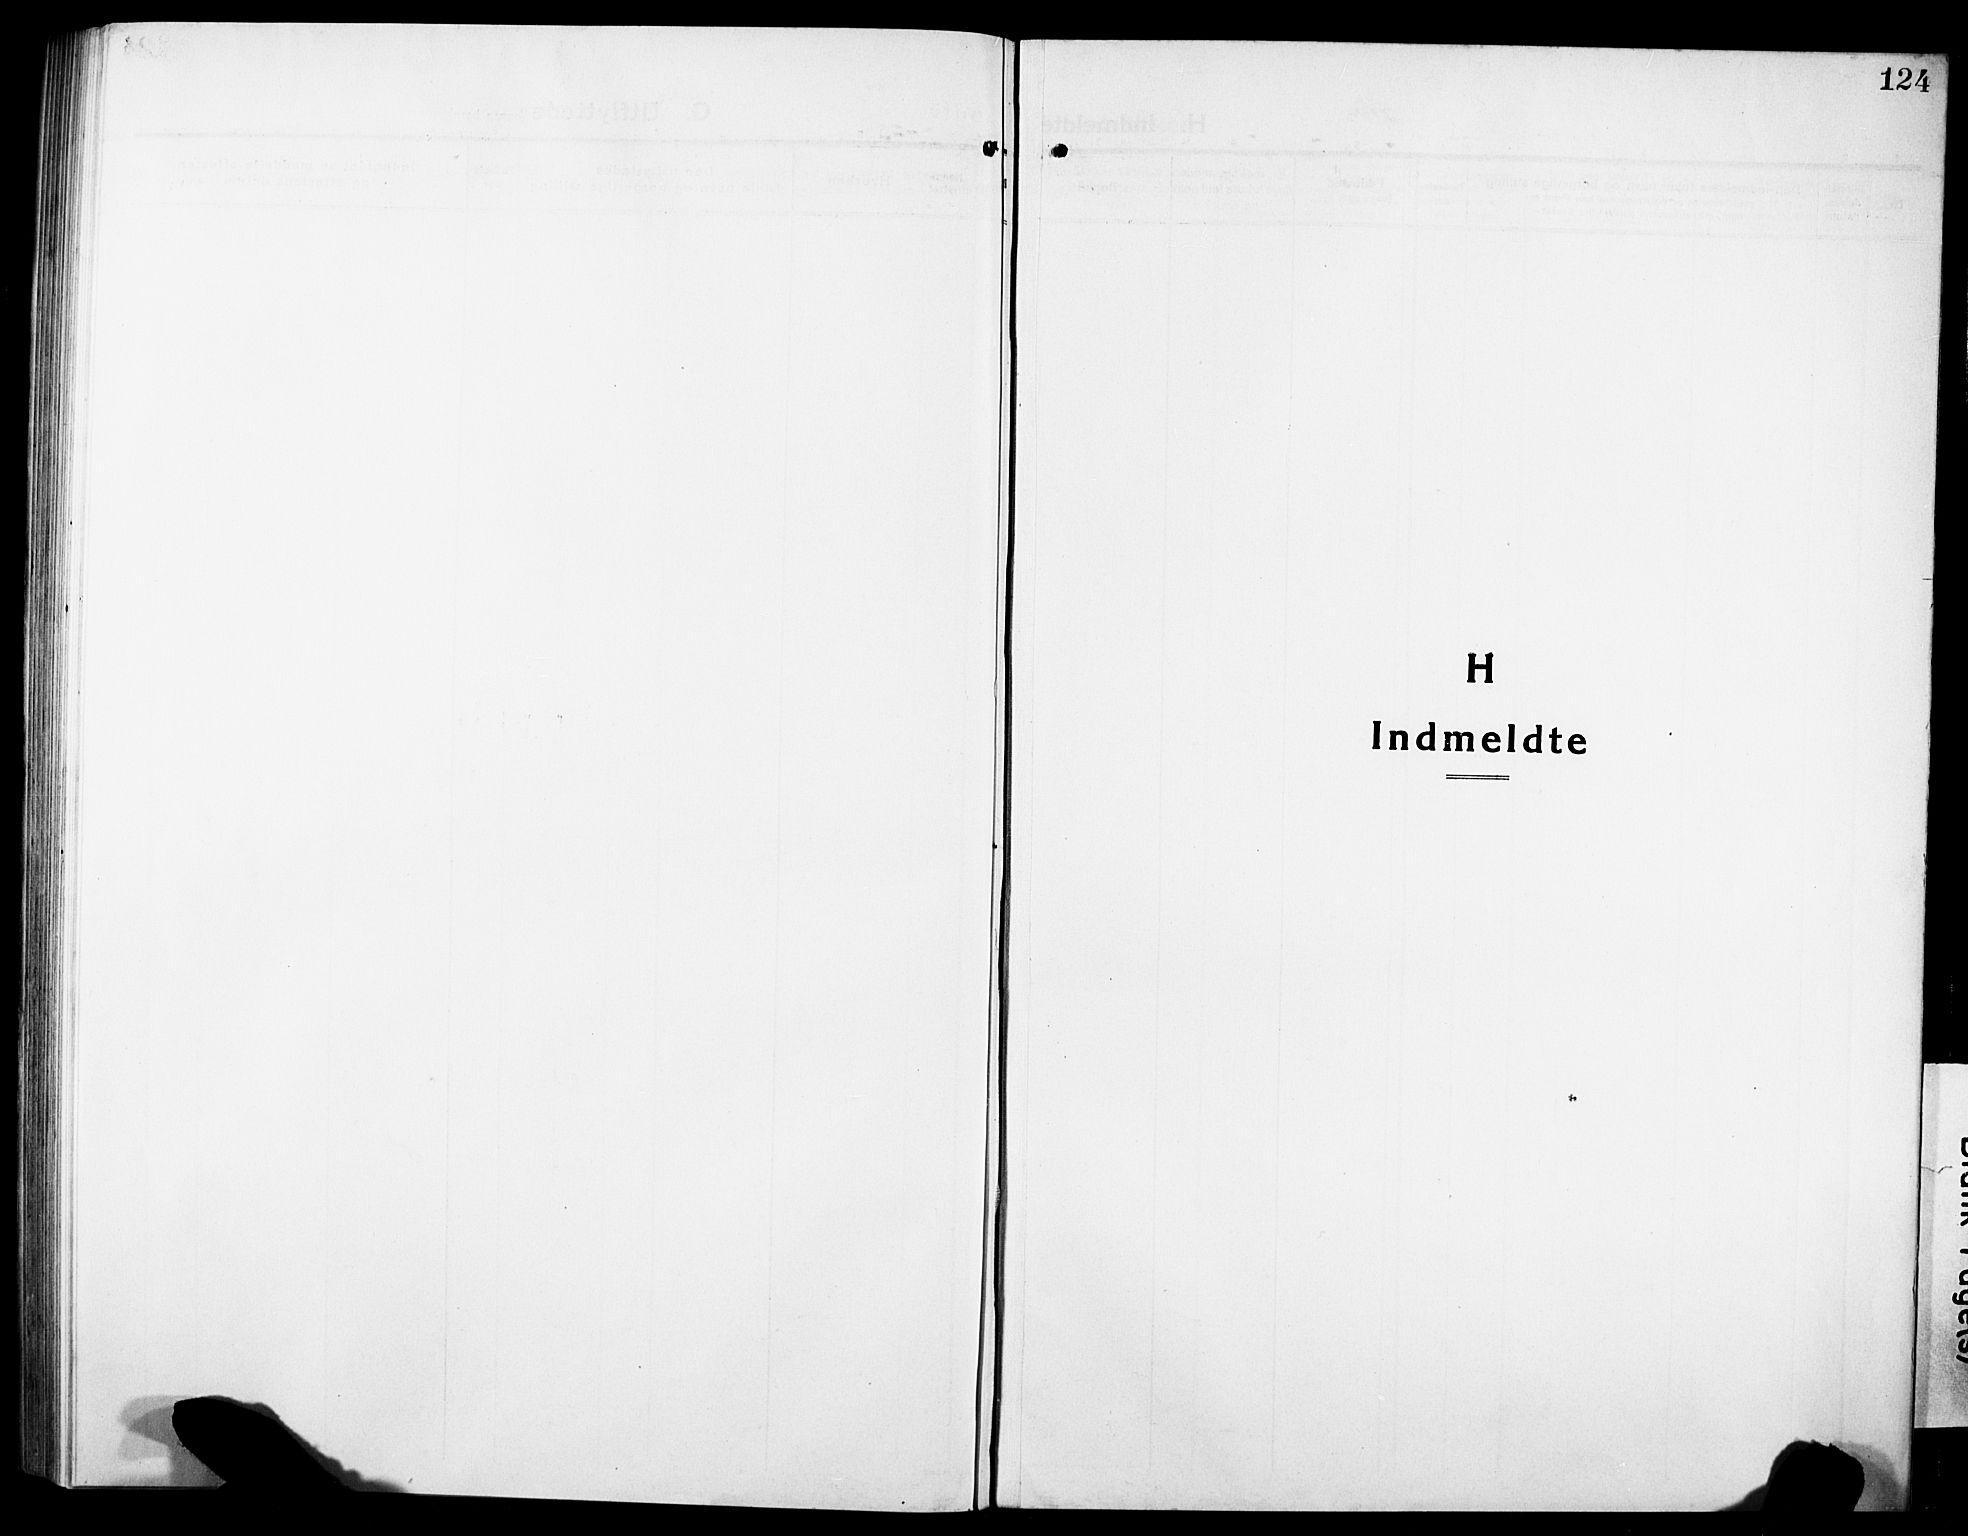 SAT, Ministerialprotokoller, klokkerbøker og fødselsregistre - Sør-Trøndelag, 634/L0543: Klokkerbok nr. 634C05, 1917-1928, s. 124